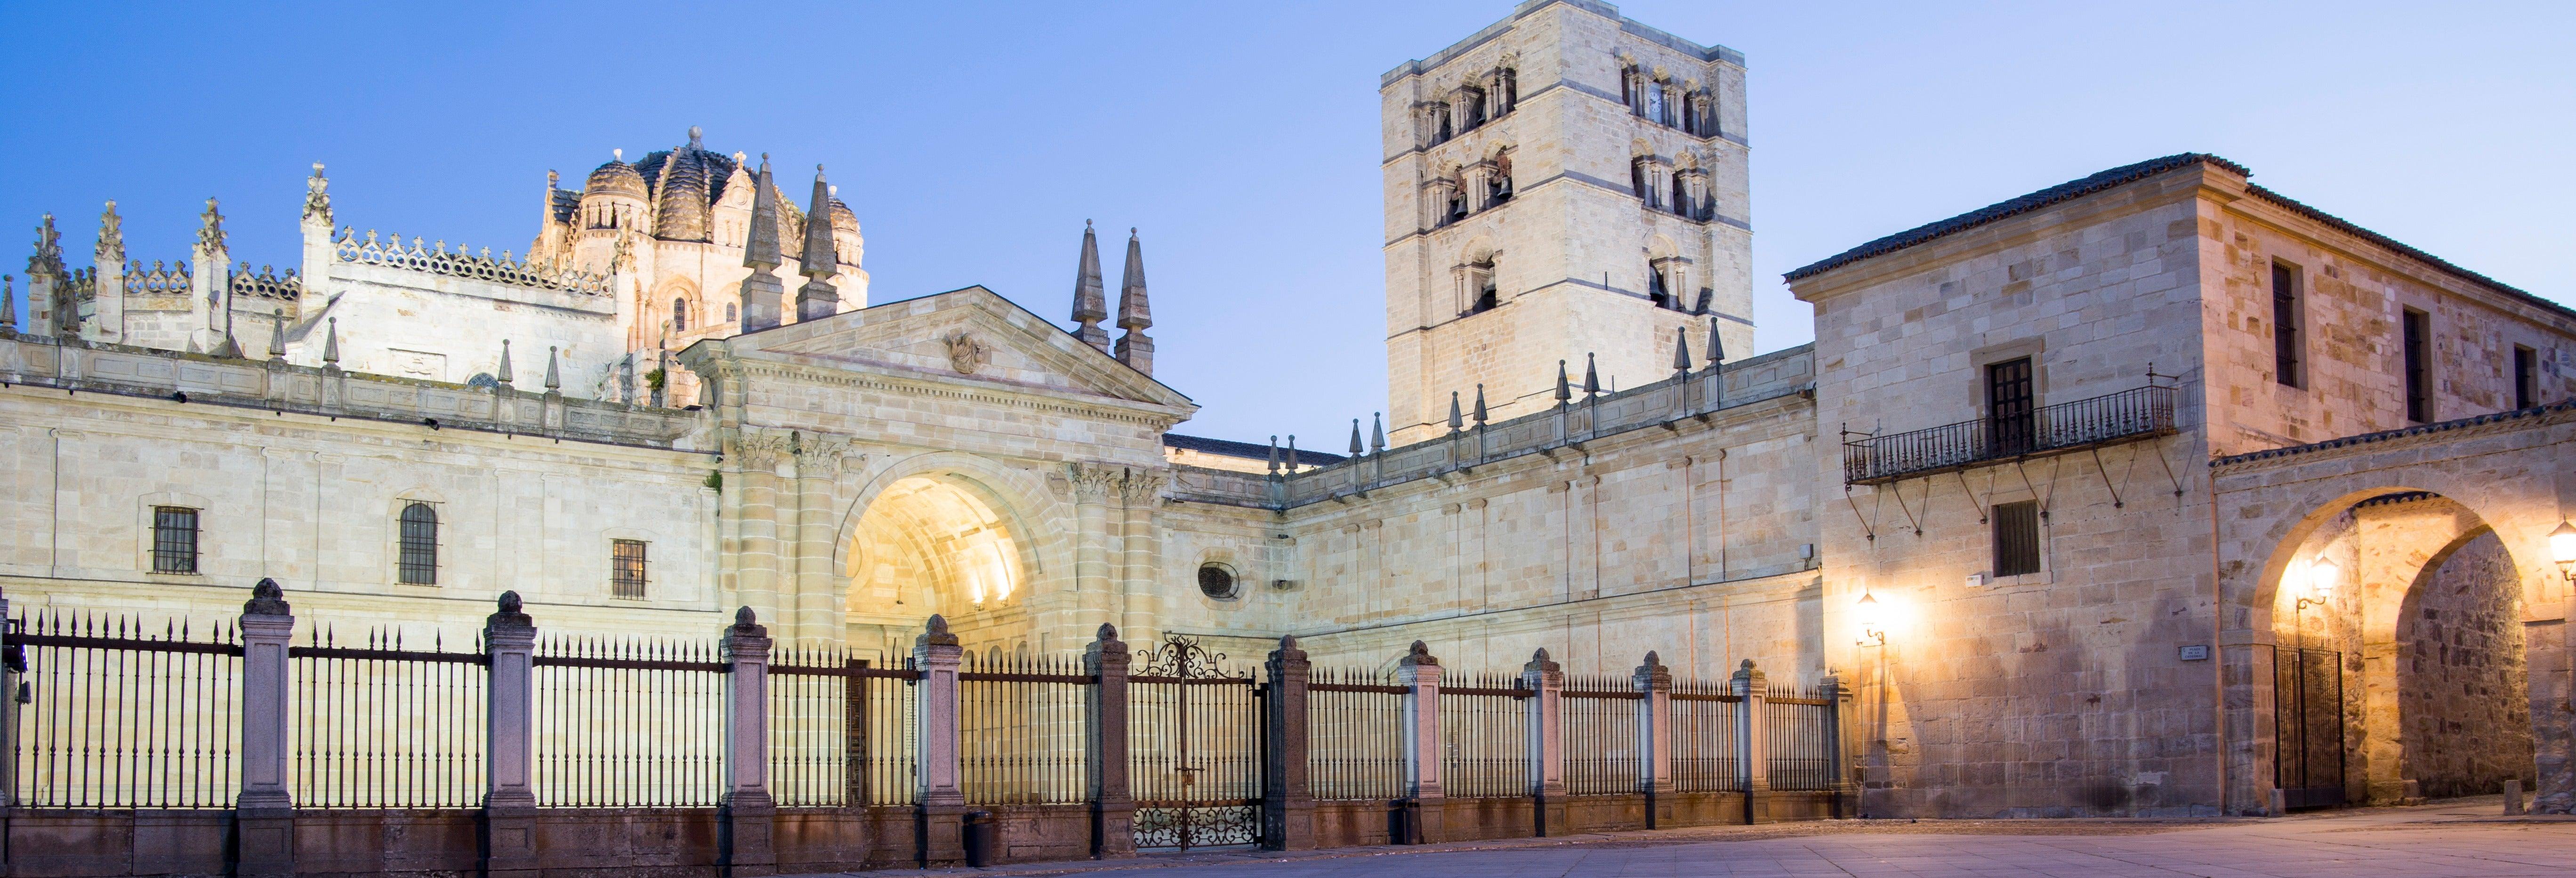 Tour de luces y leyendas de Zamora